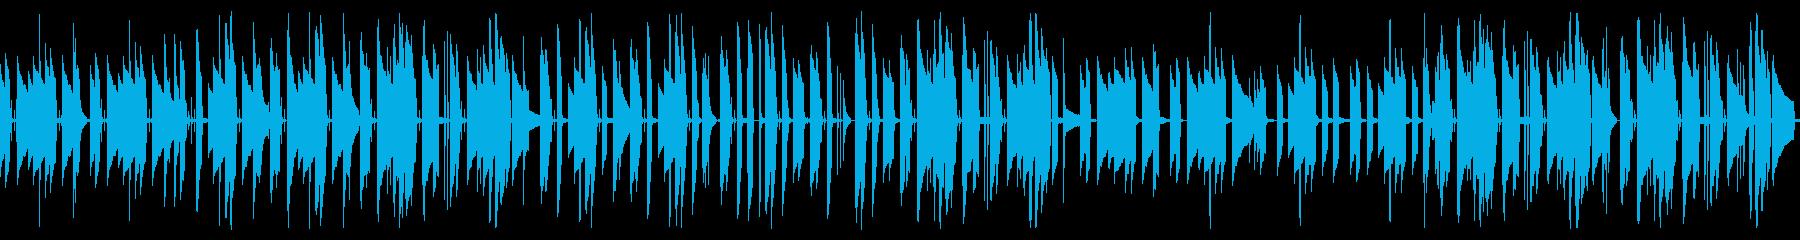 アコギのんびりほんわかフォークトロニカの再生済みの波形